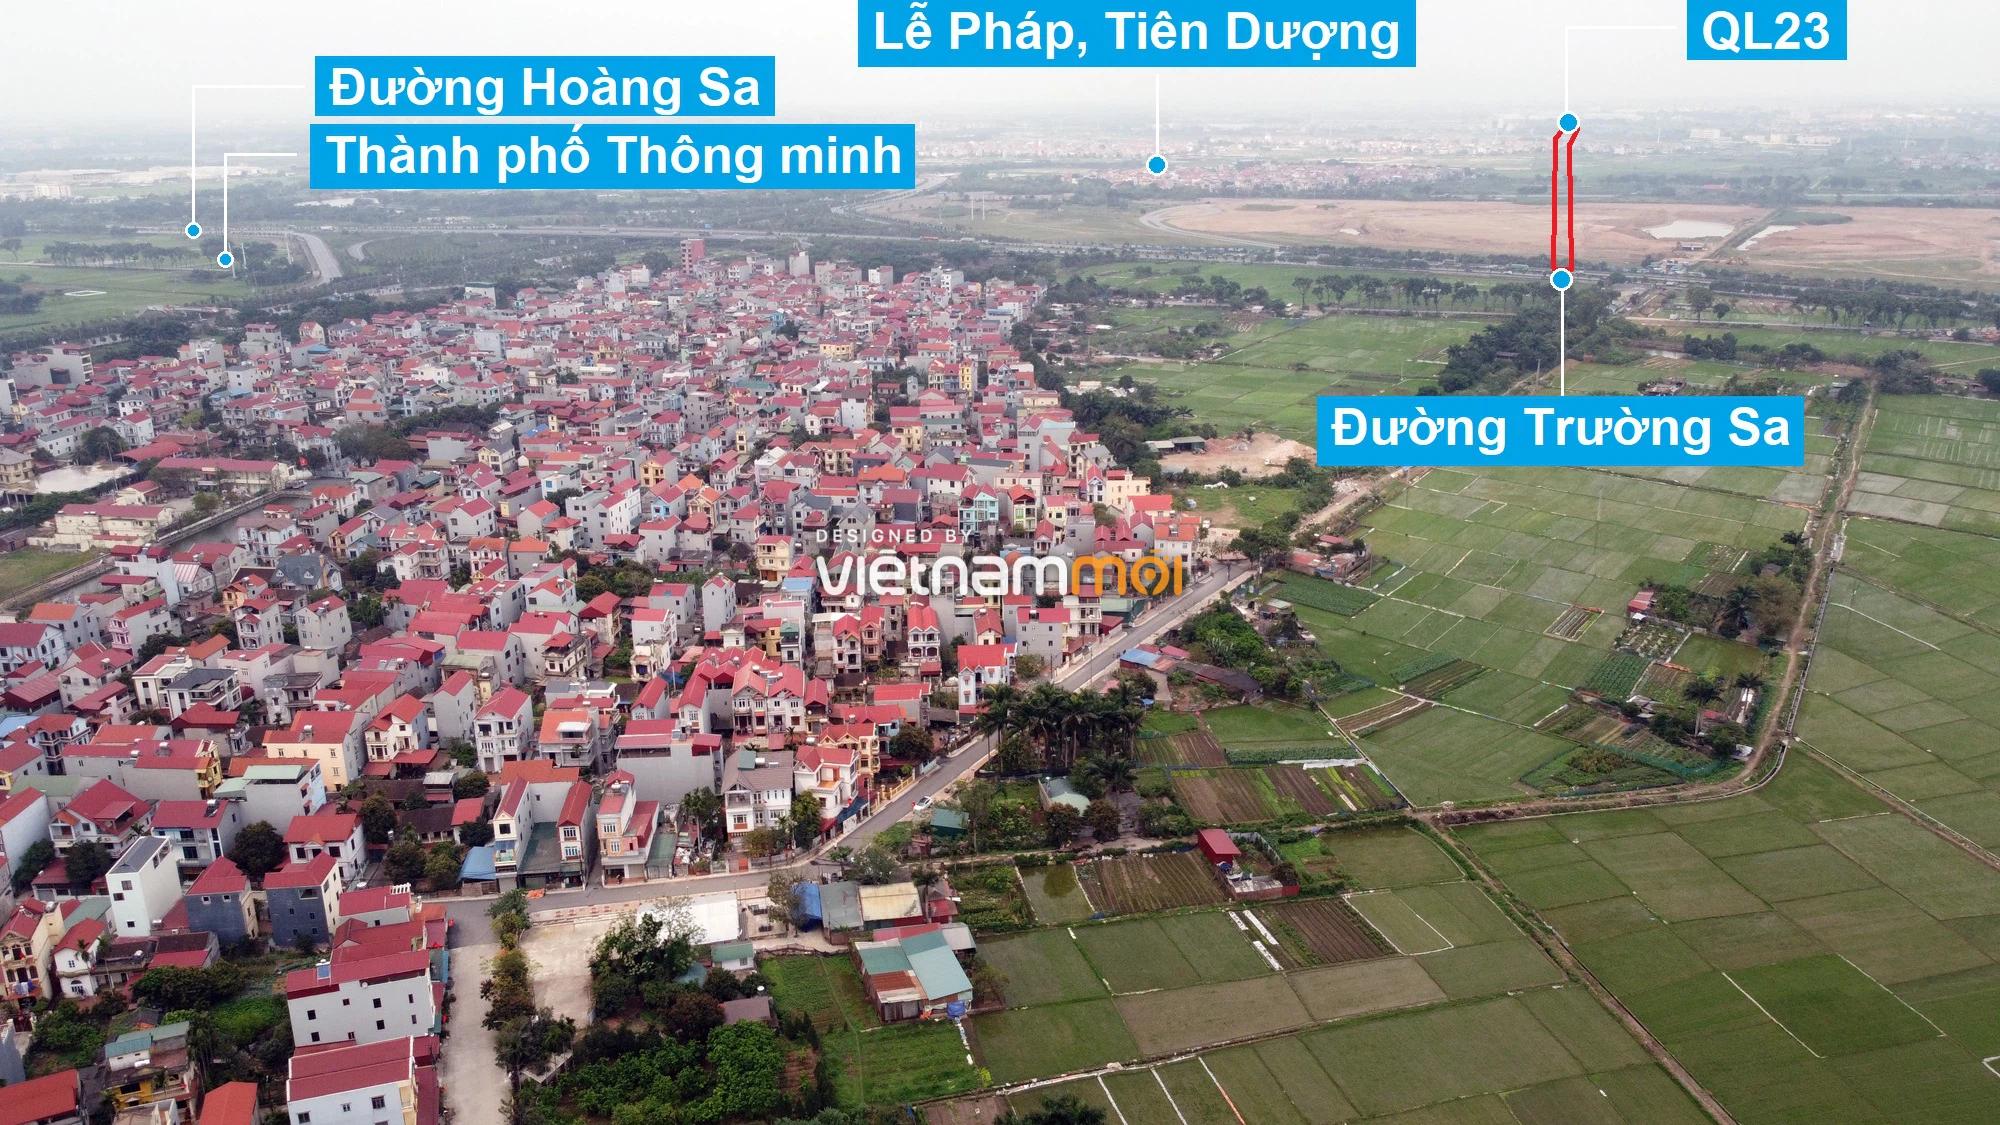 Đường sẽ mở theo quy hoạch xung quanh dự án Thành phố Thông minh Bắc Hà Nội (phần 2) - Ảnh 12.